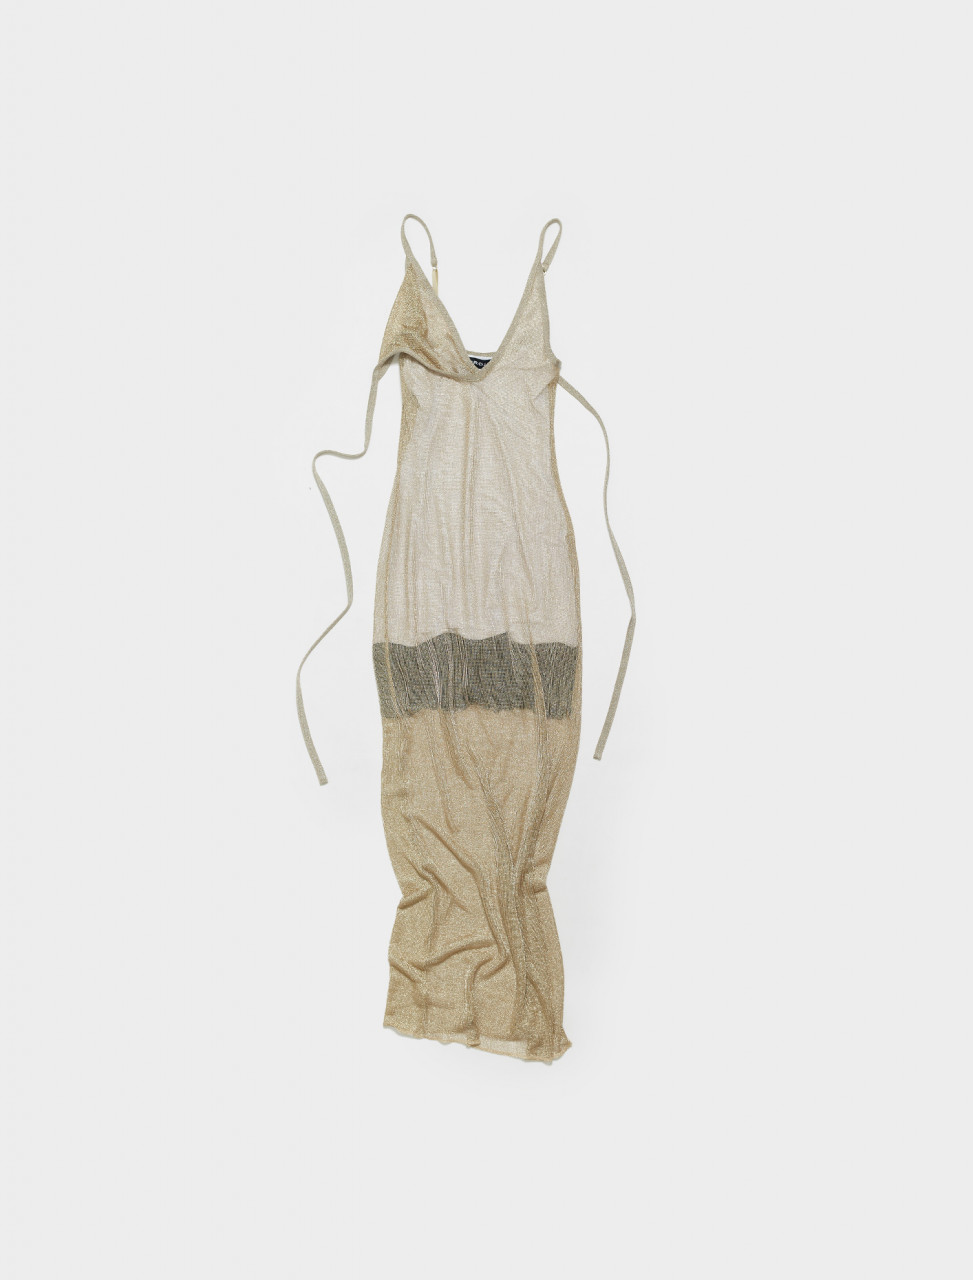 WTSDRESS45-S20 Y PROJECT SLIP PETTICOAT DRESS IN GOLD & WHITE